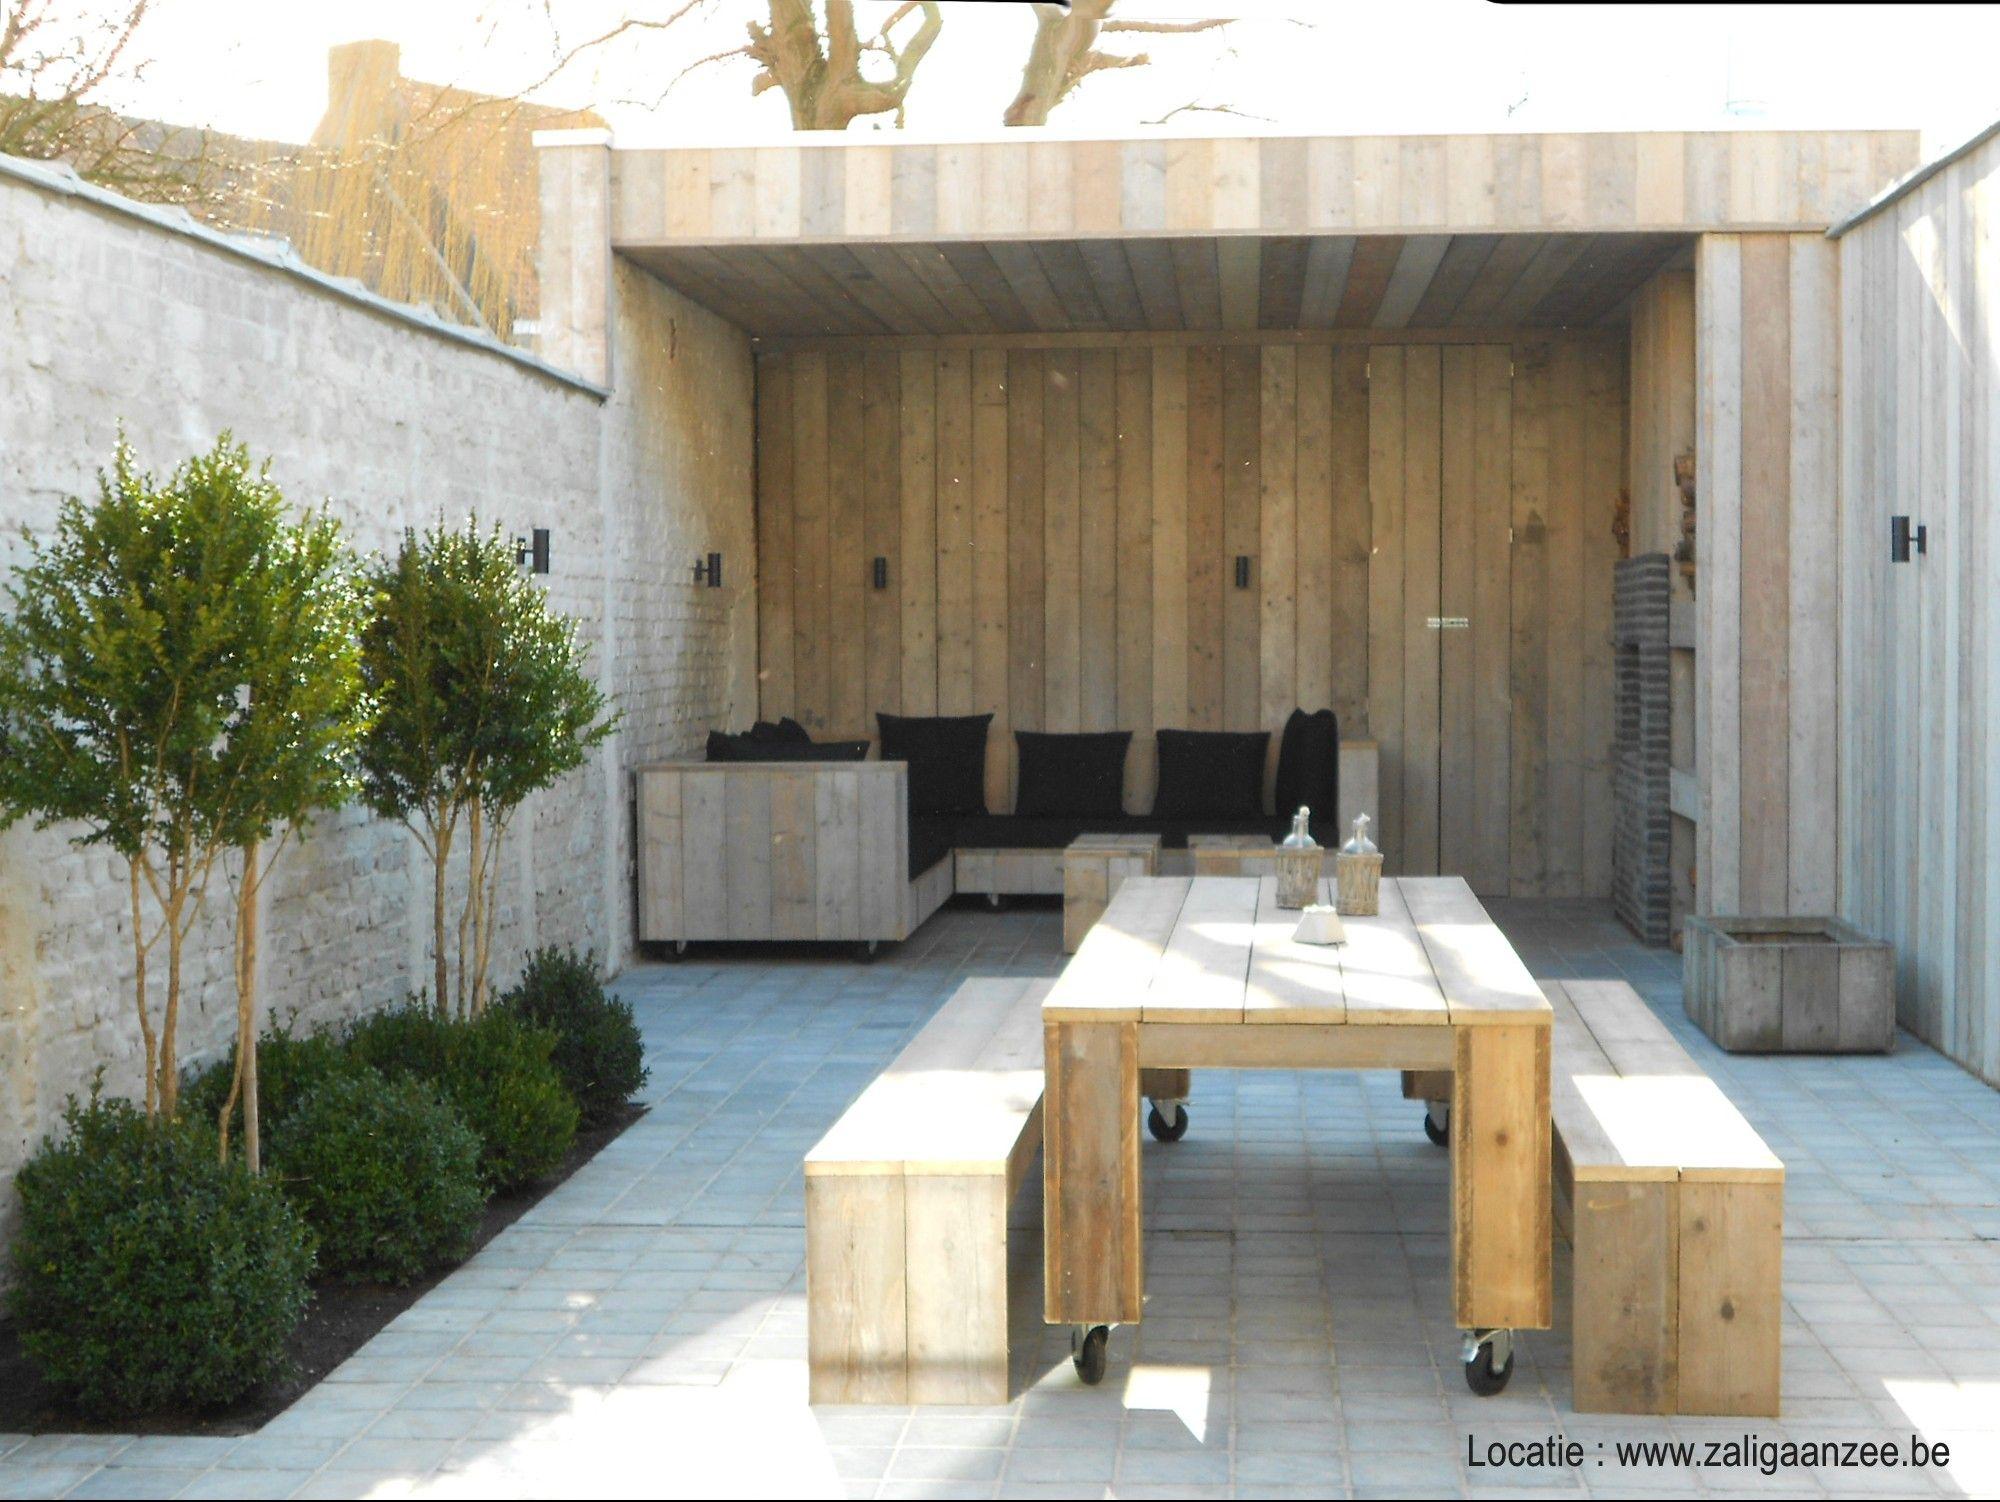 Heerlijk lounge tuin vlakbij zee met buitenhaard en grote